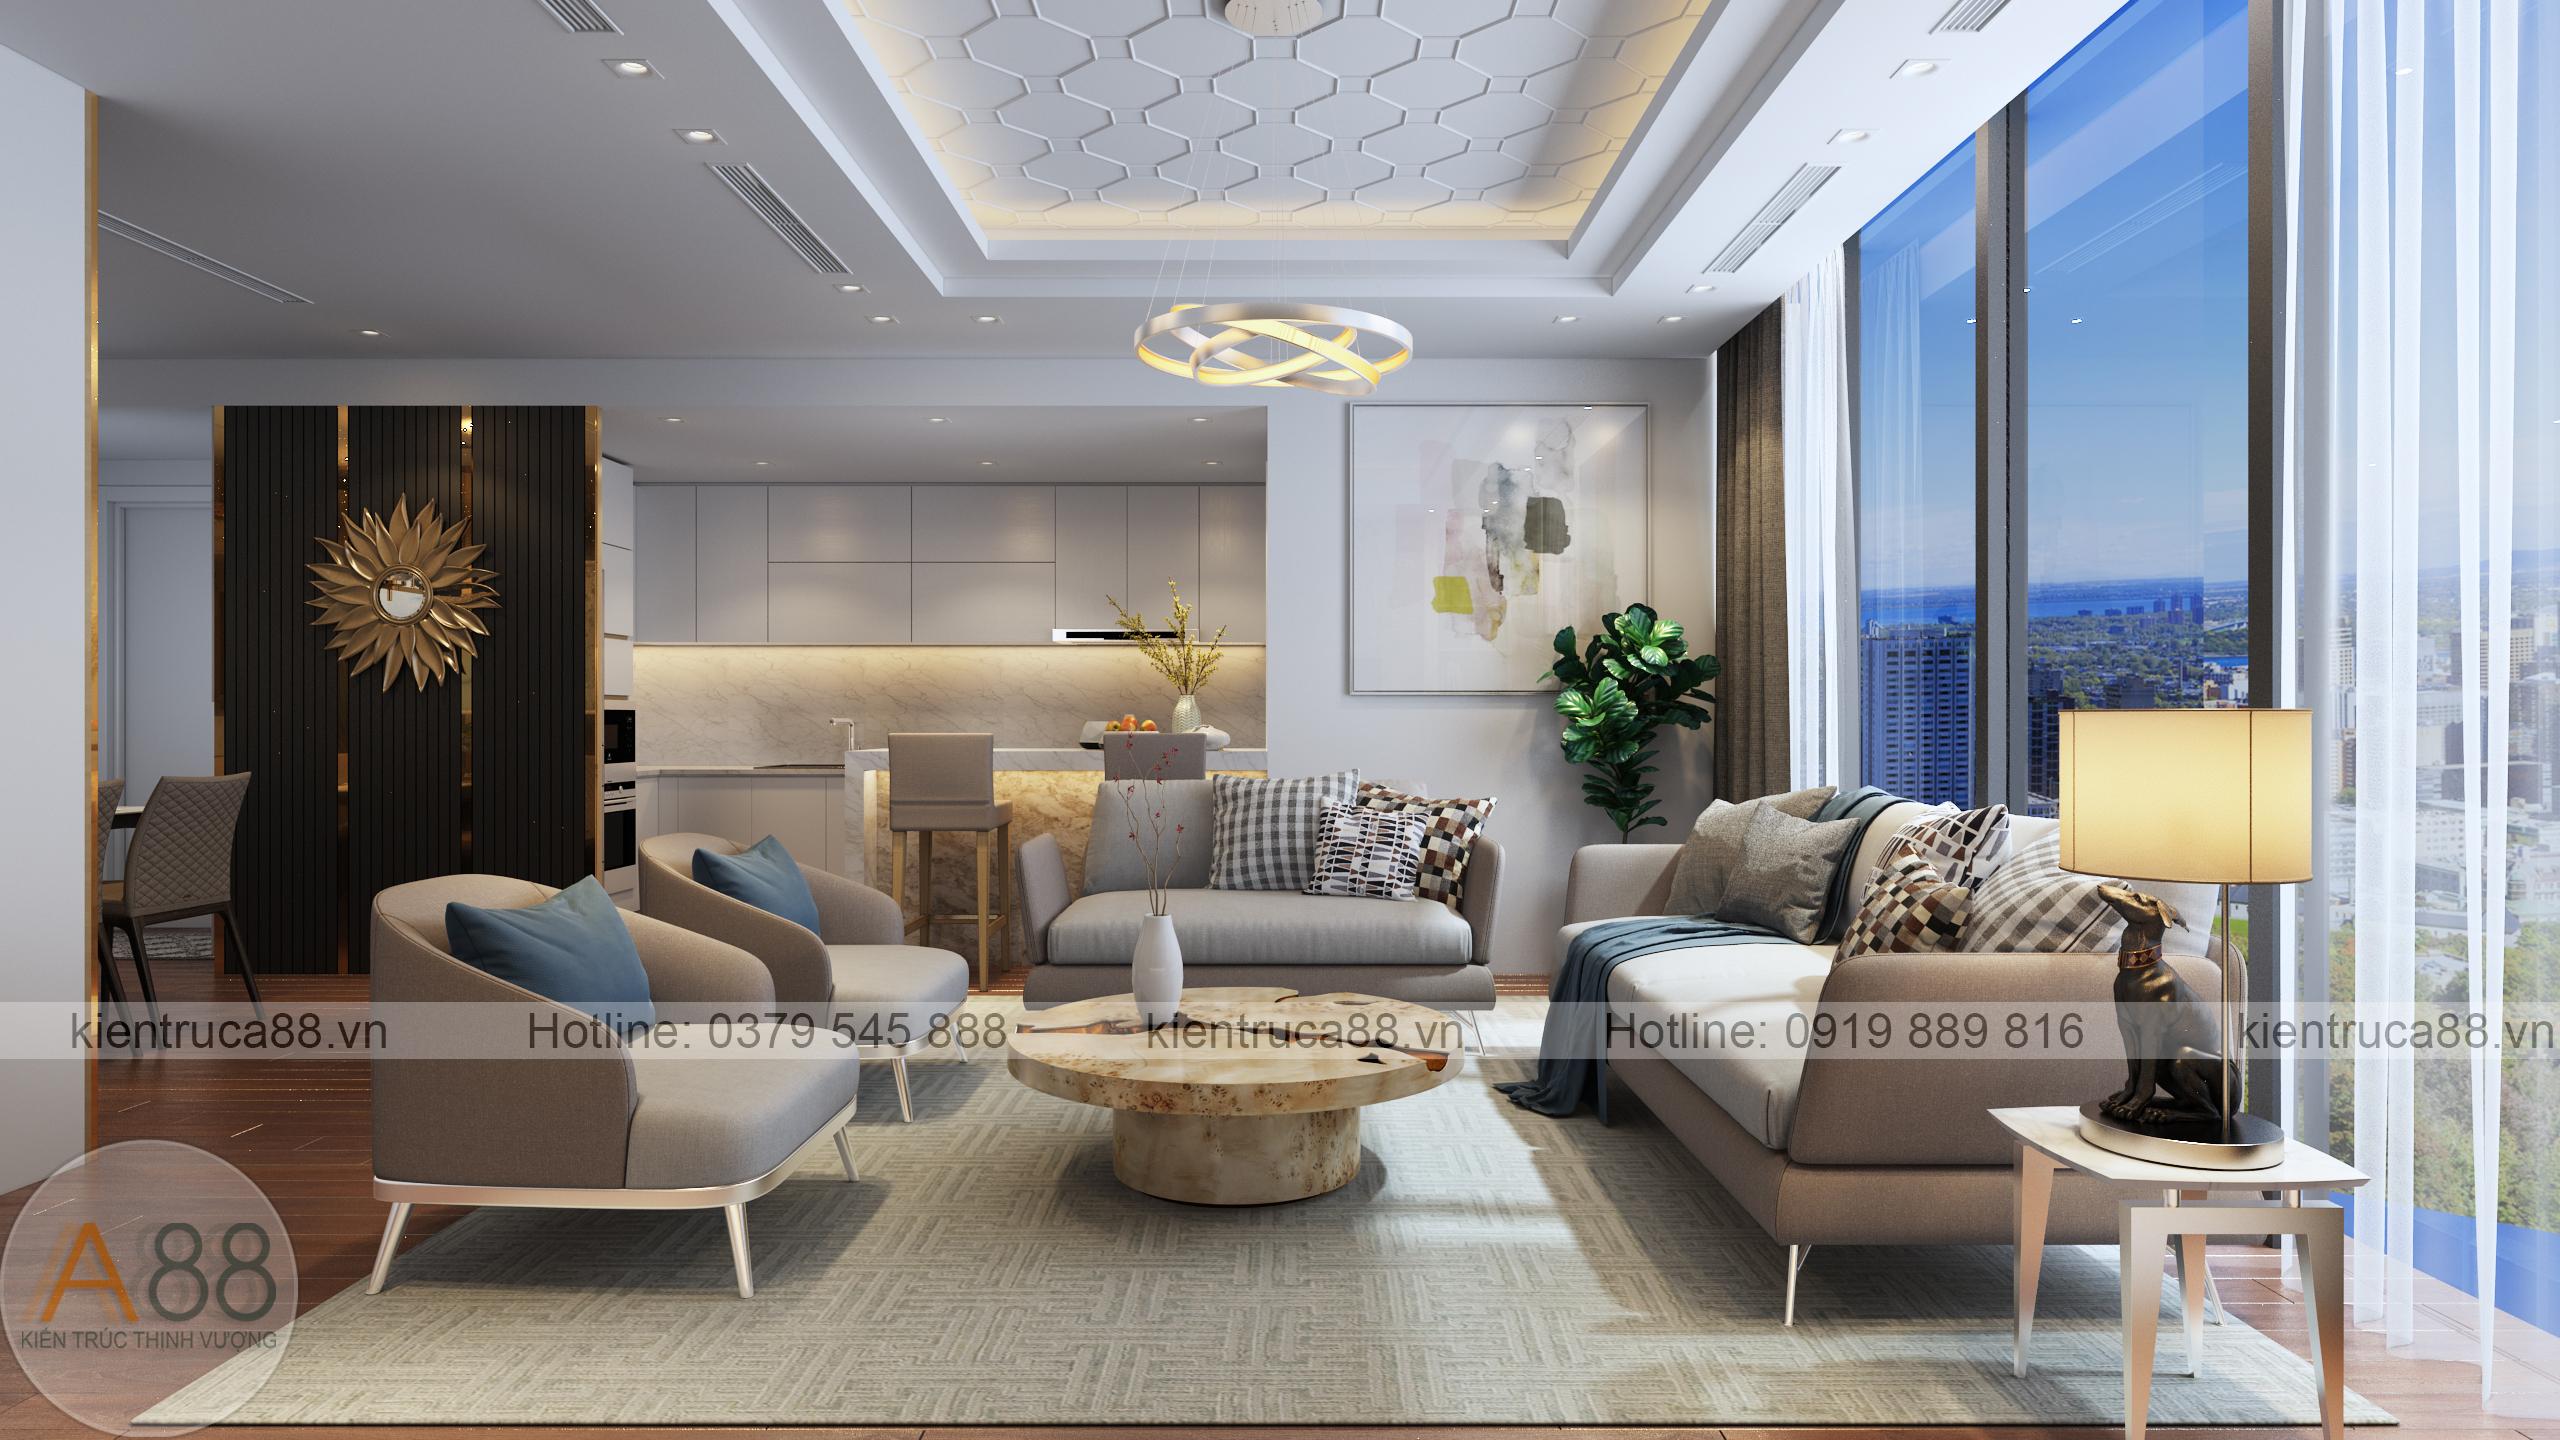 những loại ánh sáng trong thiết kế nội thất